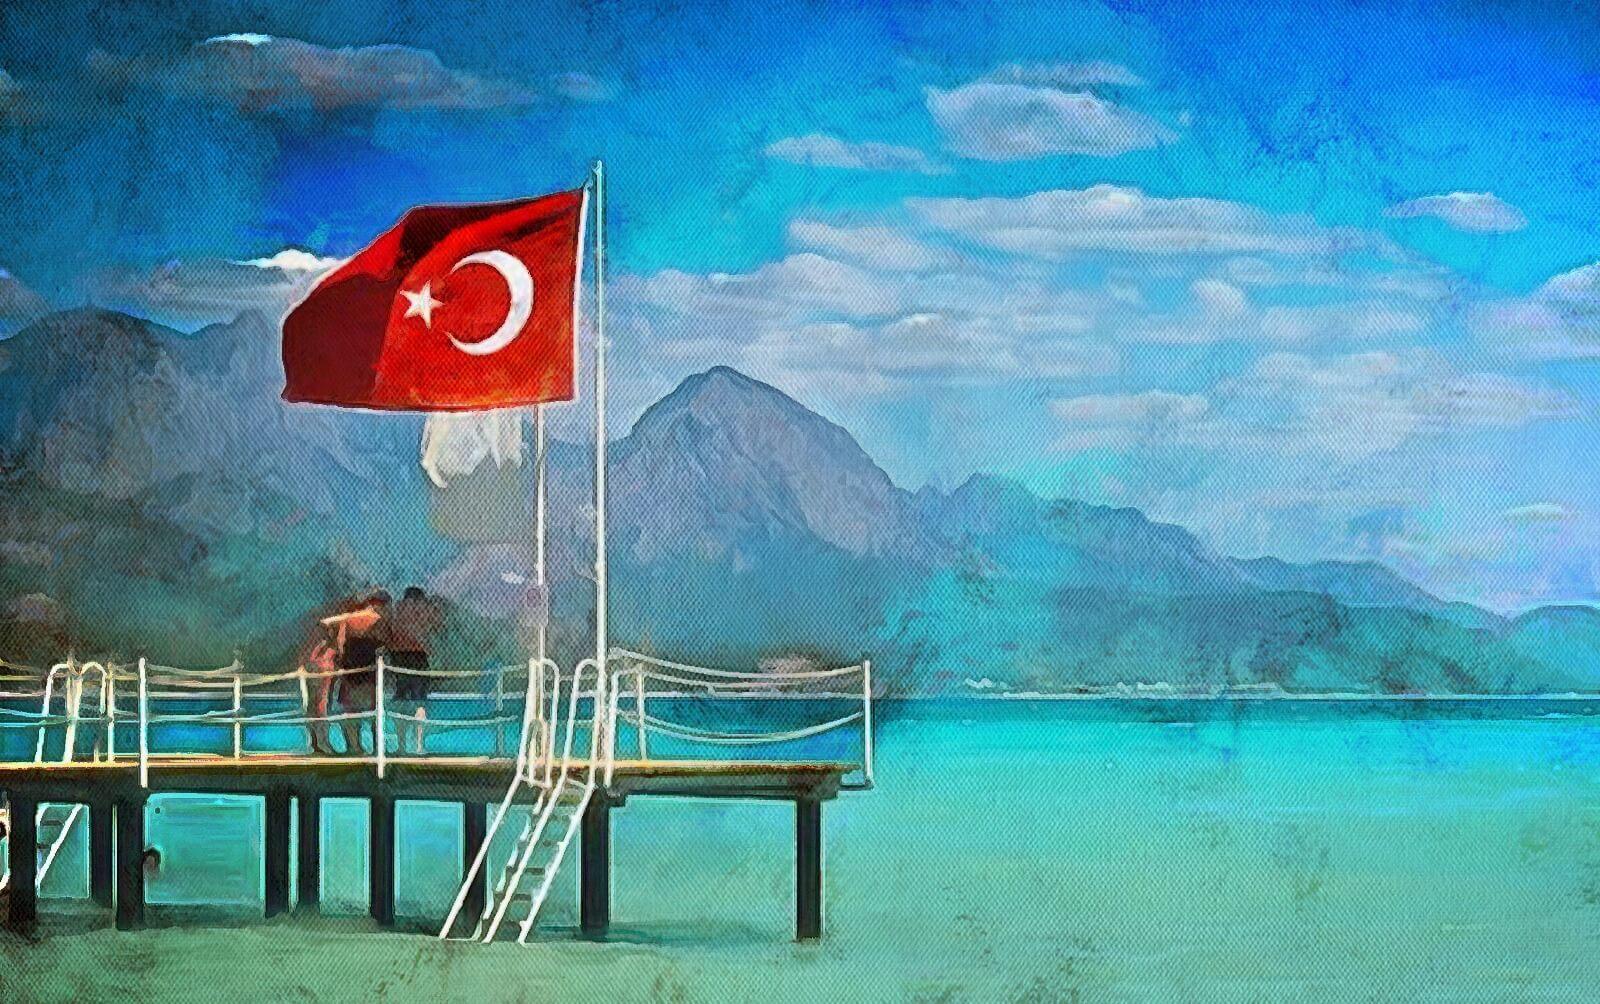 Ипотека в Турции для россиян — возможности для жизни и инвестирования